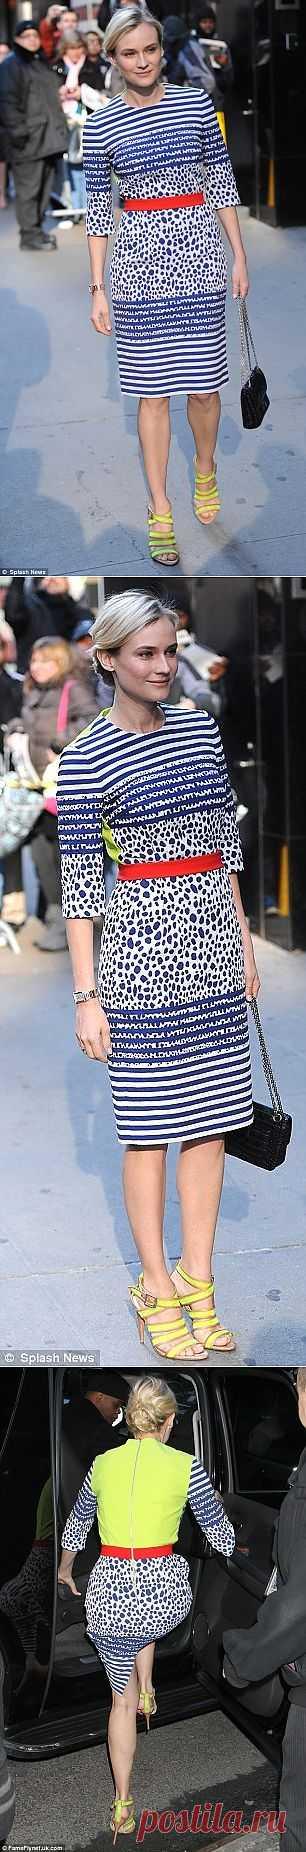 Диана Крюгер на Good Morning America / Звездный стиль / Модный сайт о стильной переделке одежды и интерьера